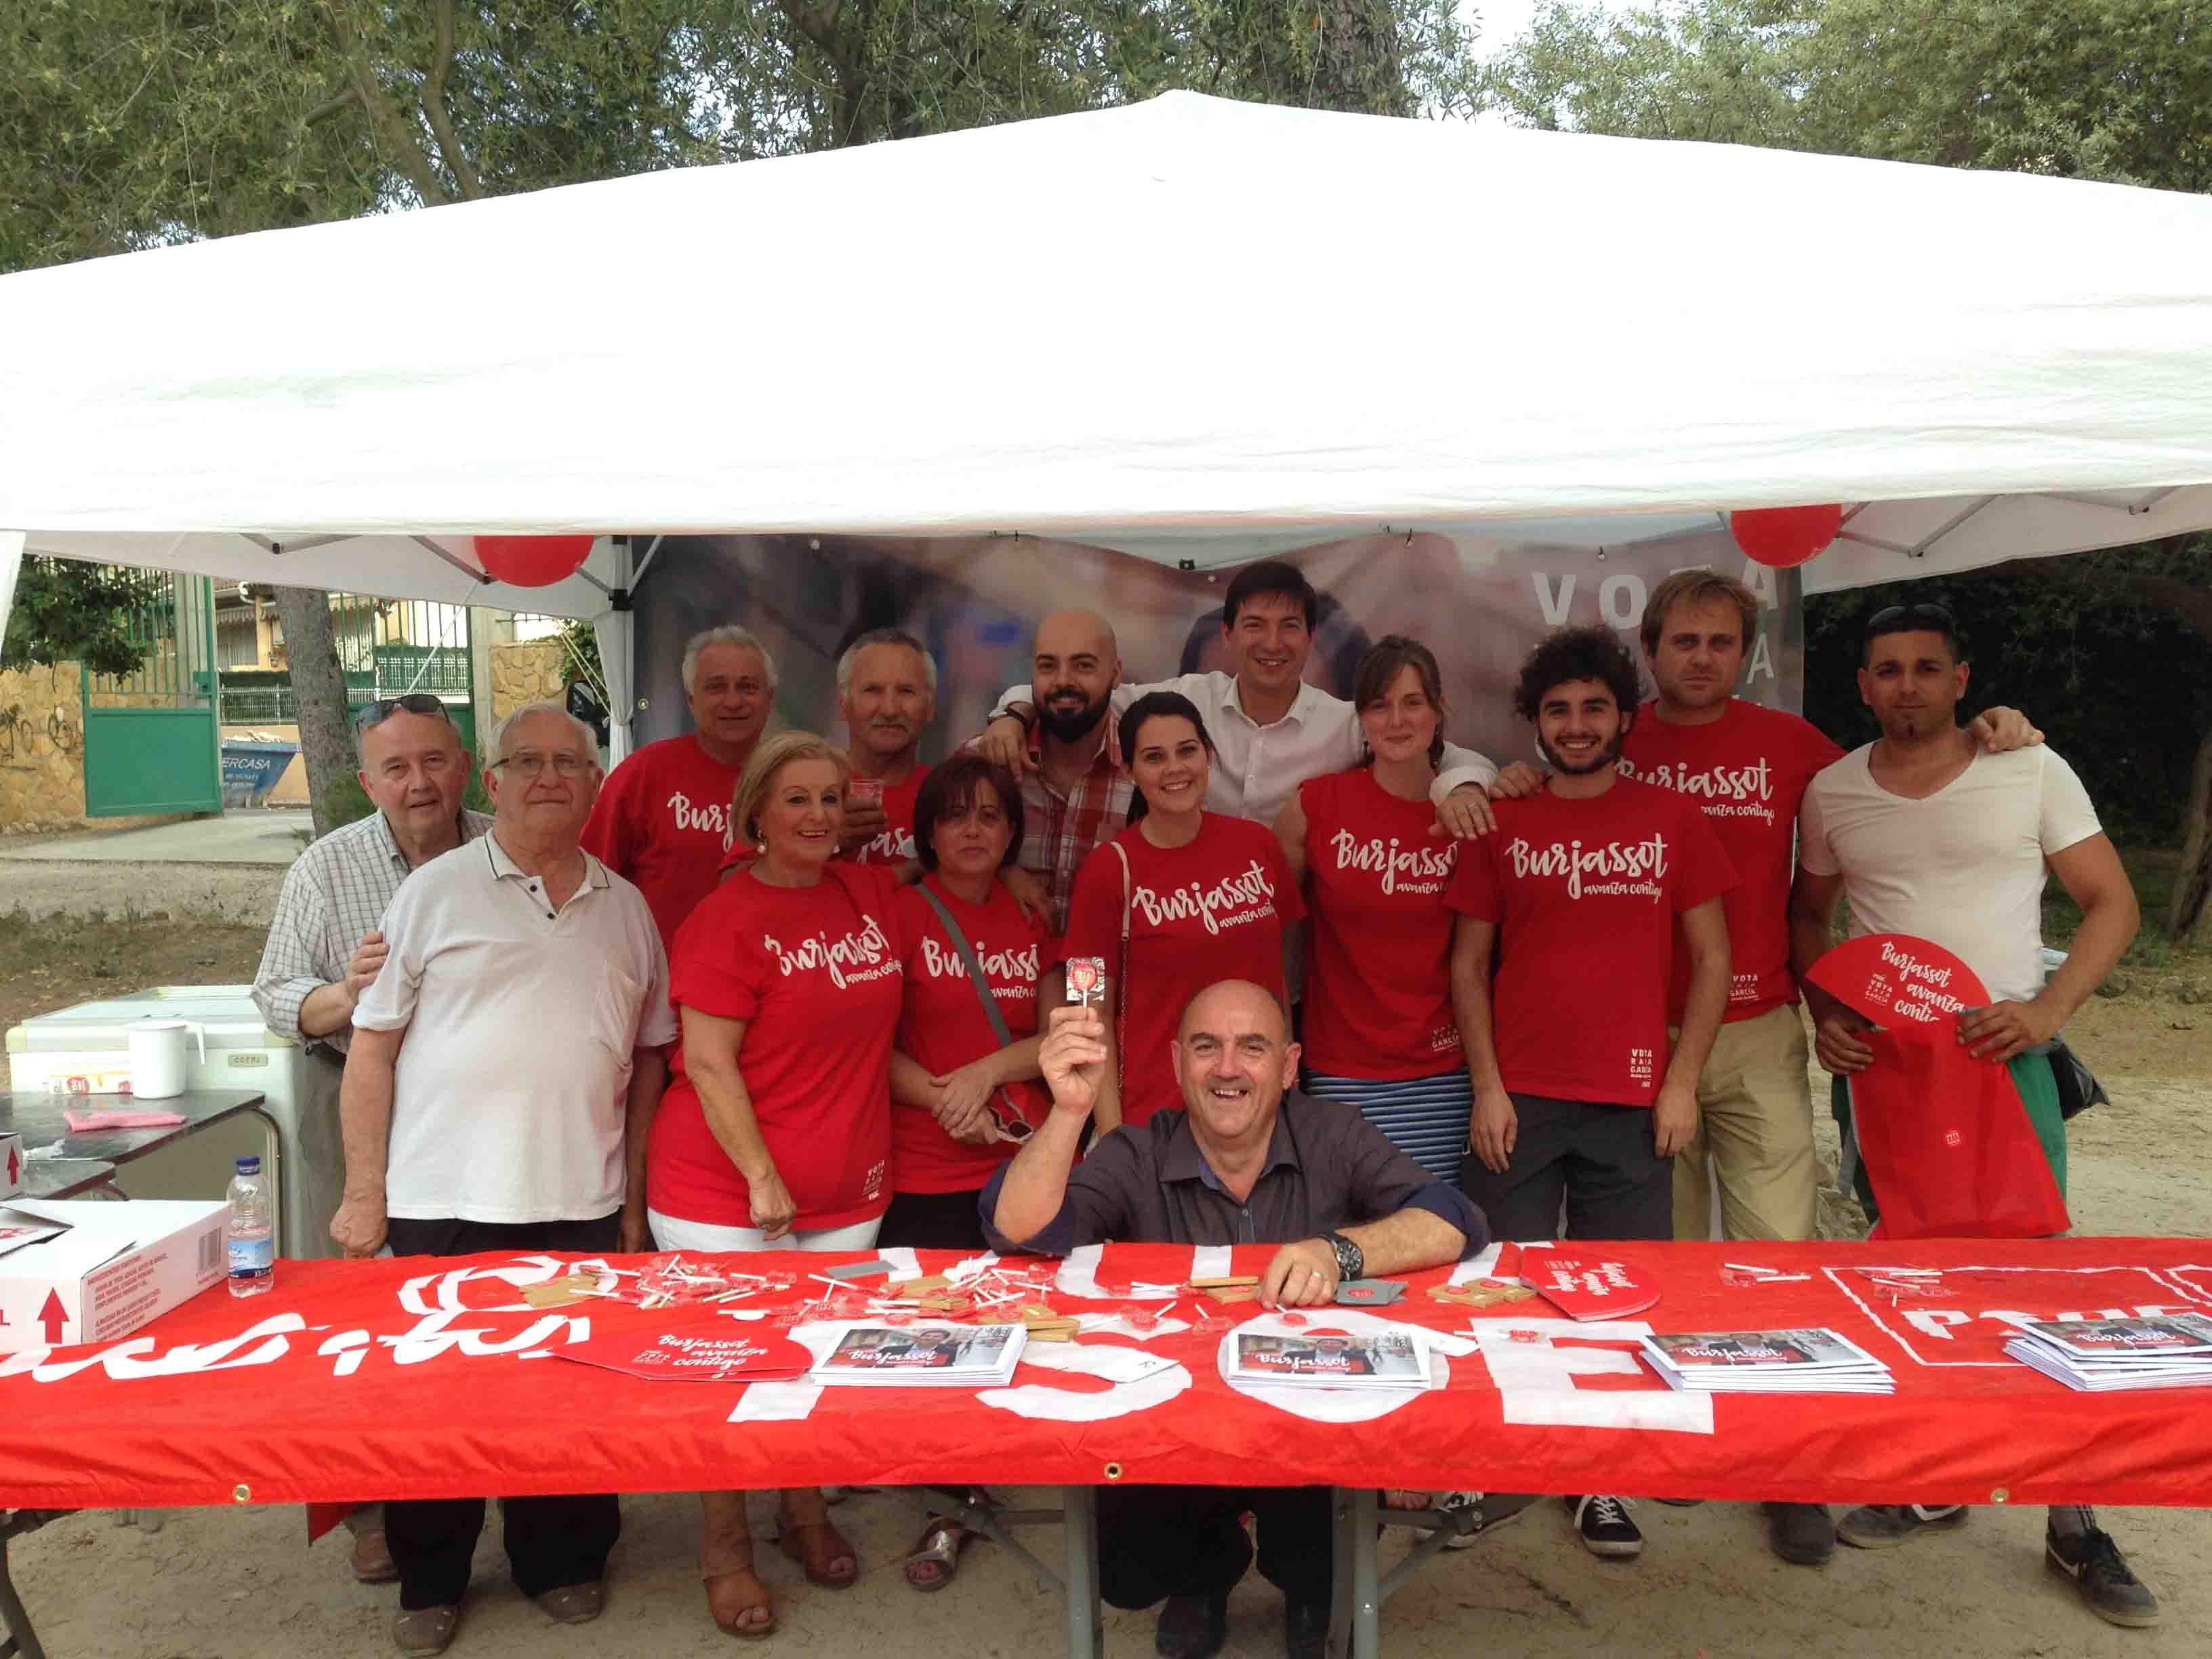 Los Socialistas de Burjassot crearán un «Club del abuelo y el nieto para que disfruten juntos»